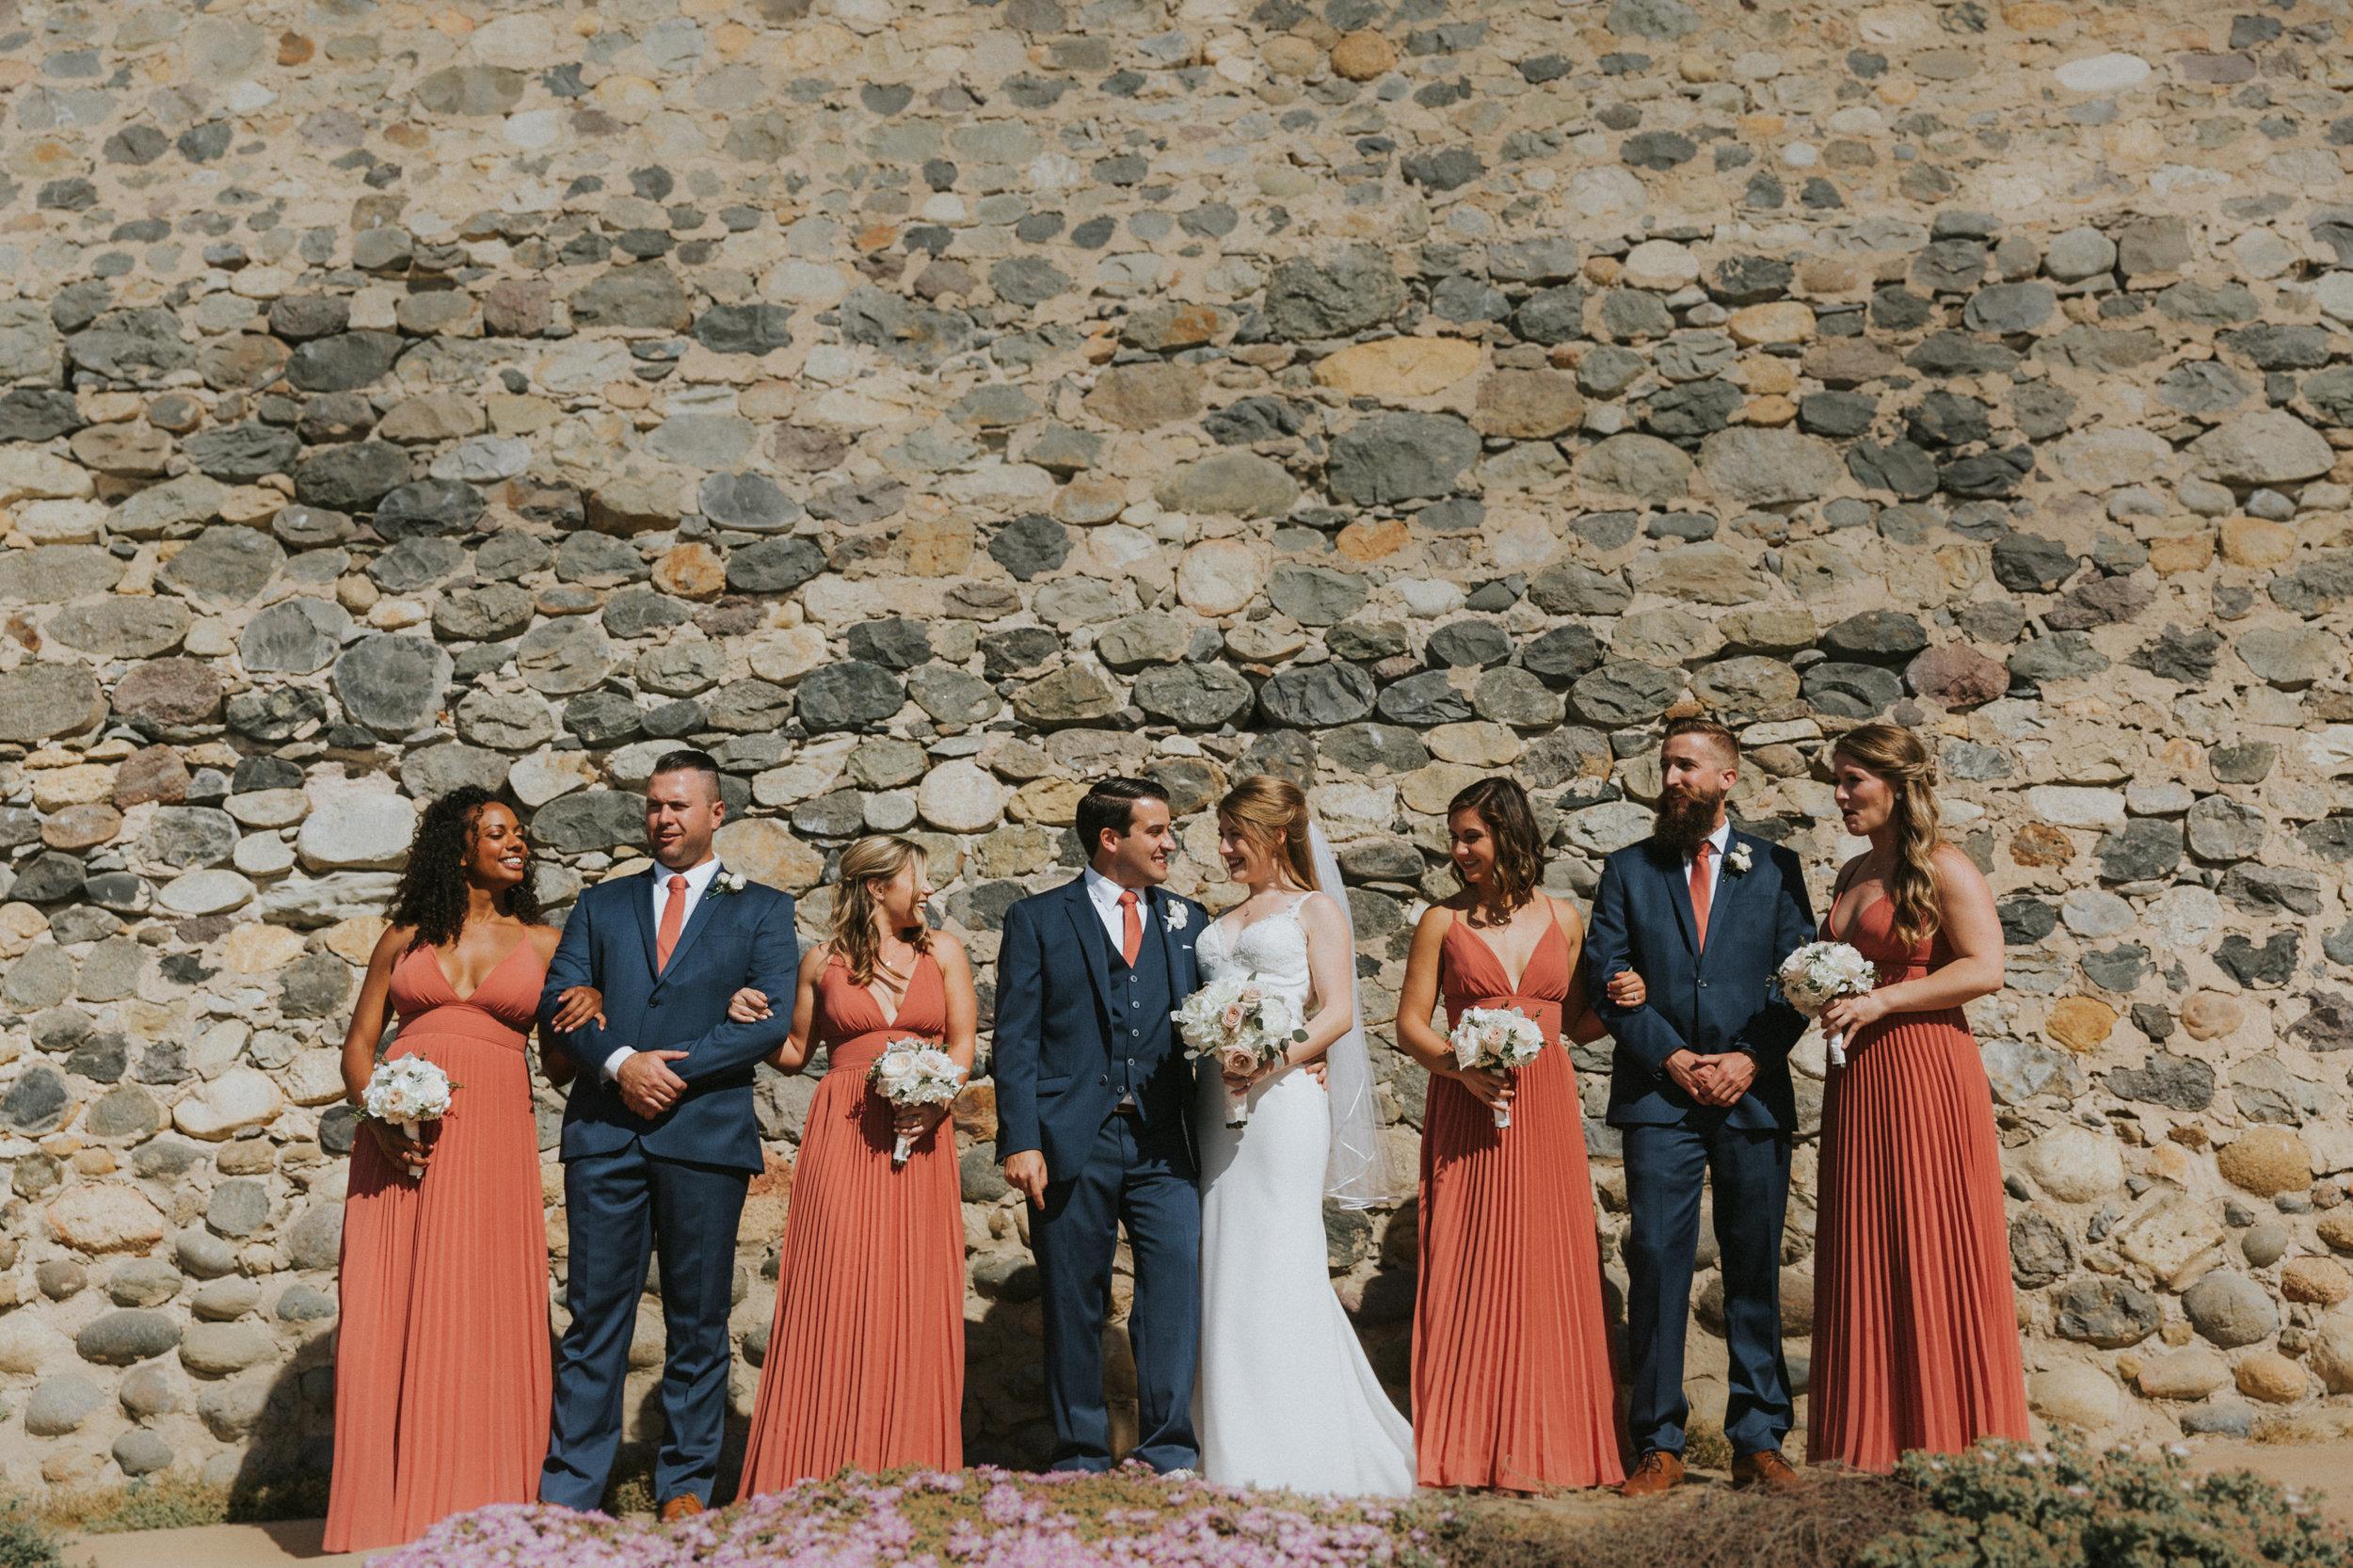 Saramaya Zach-Saramaya Zach wedding-0540.jpg